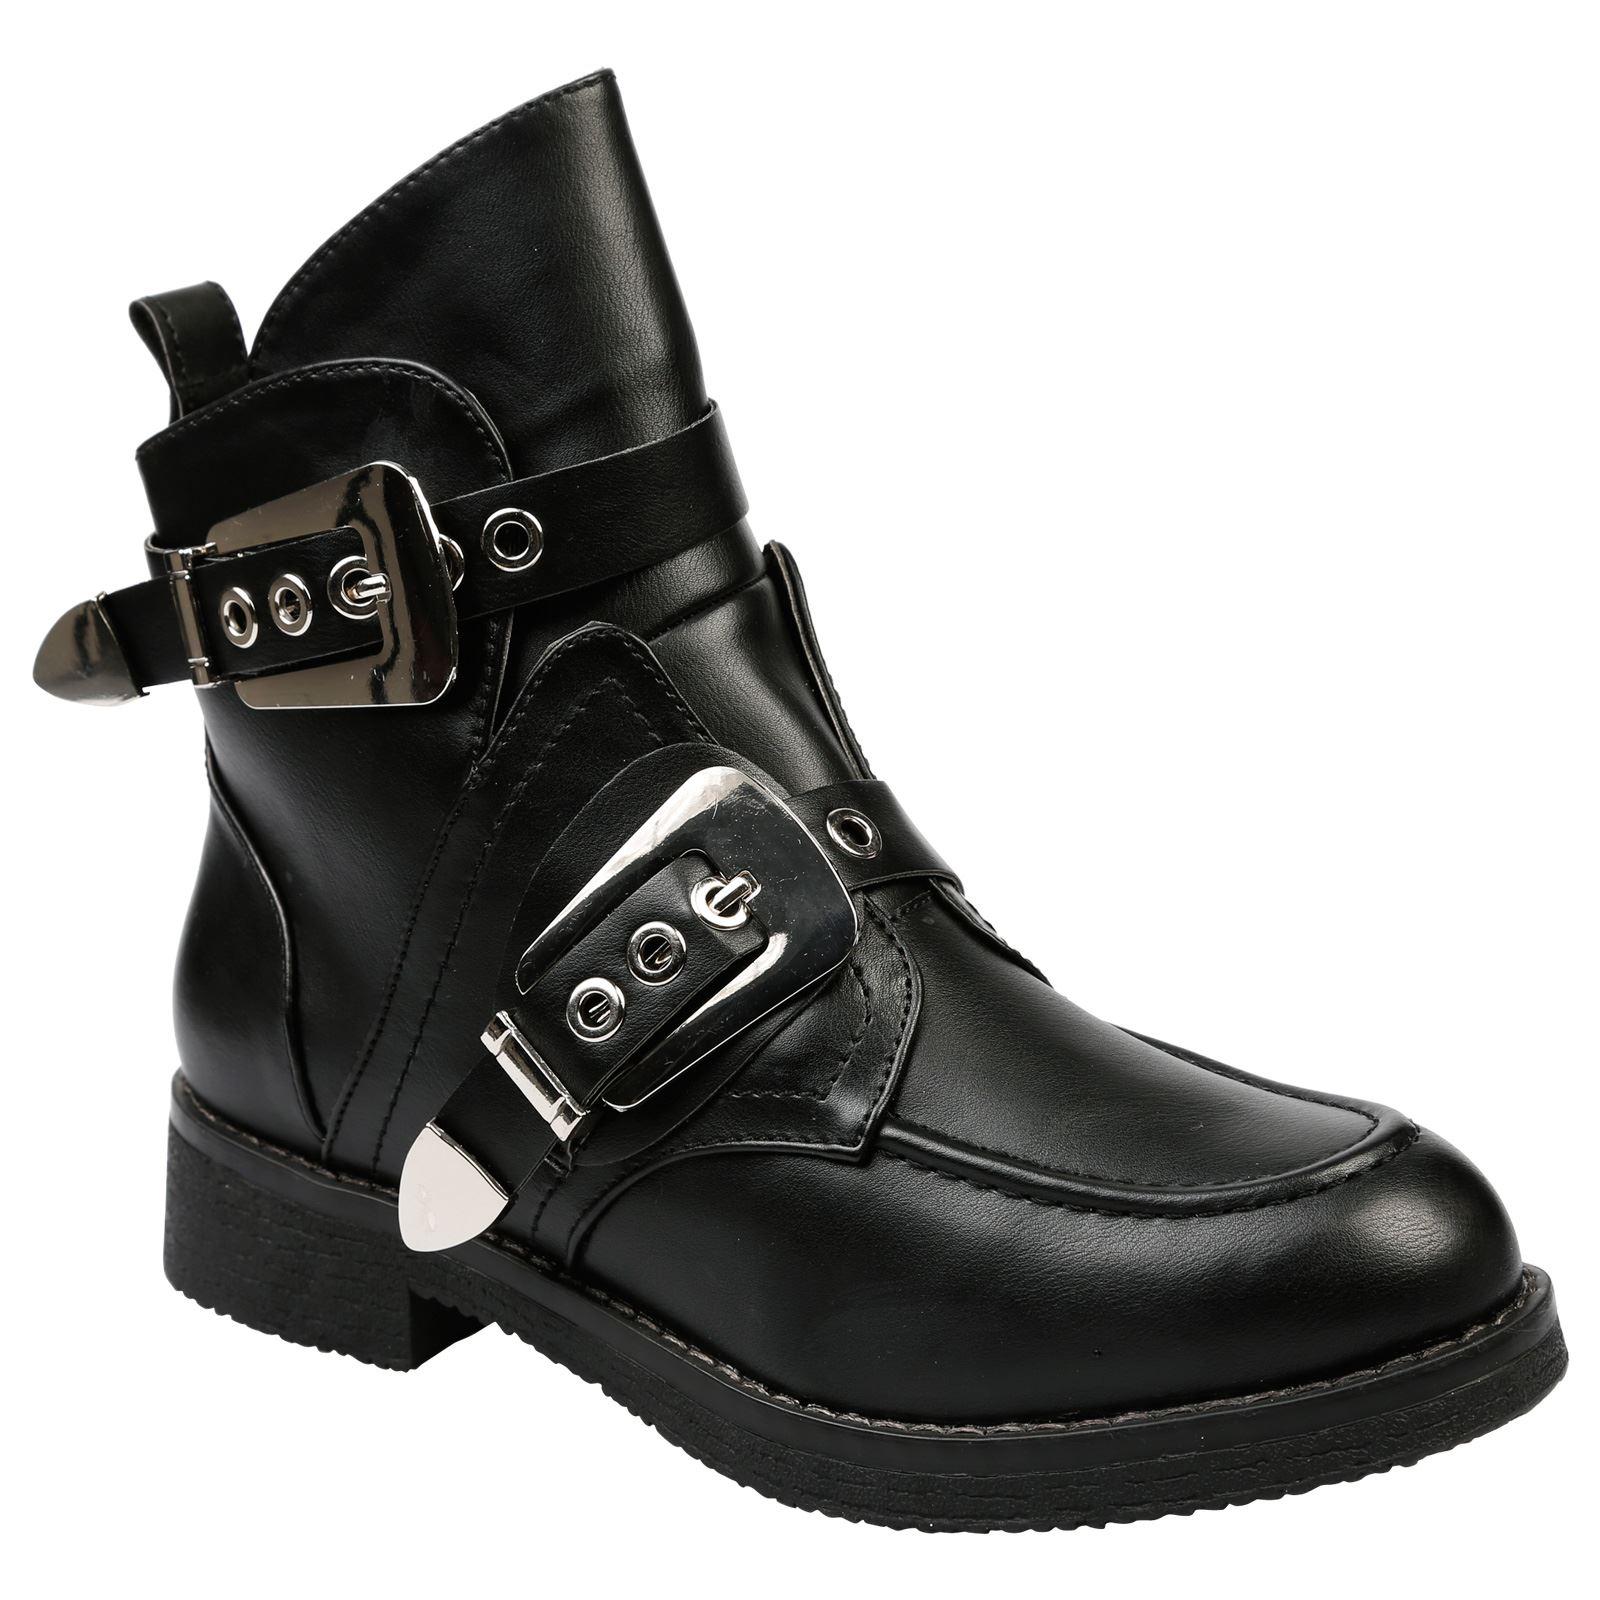 Bernadette-tacon-bajo-para-mujer-Grueso-Tacon-Bajo-Botas-al-Tobillo-Zapatos-De-Las-Senoras-Biker